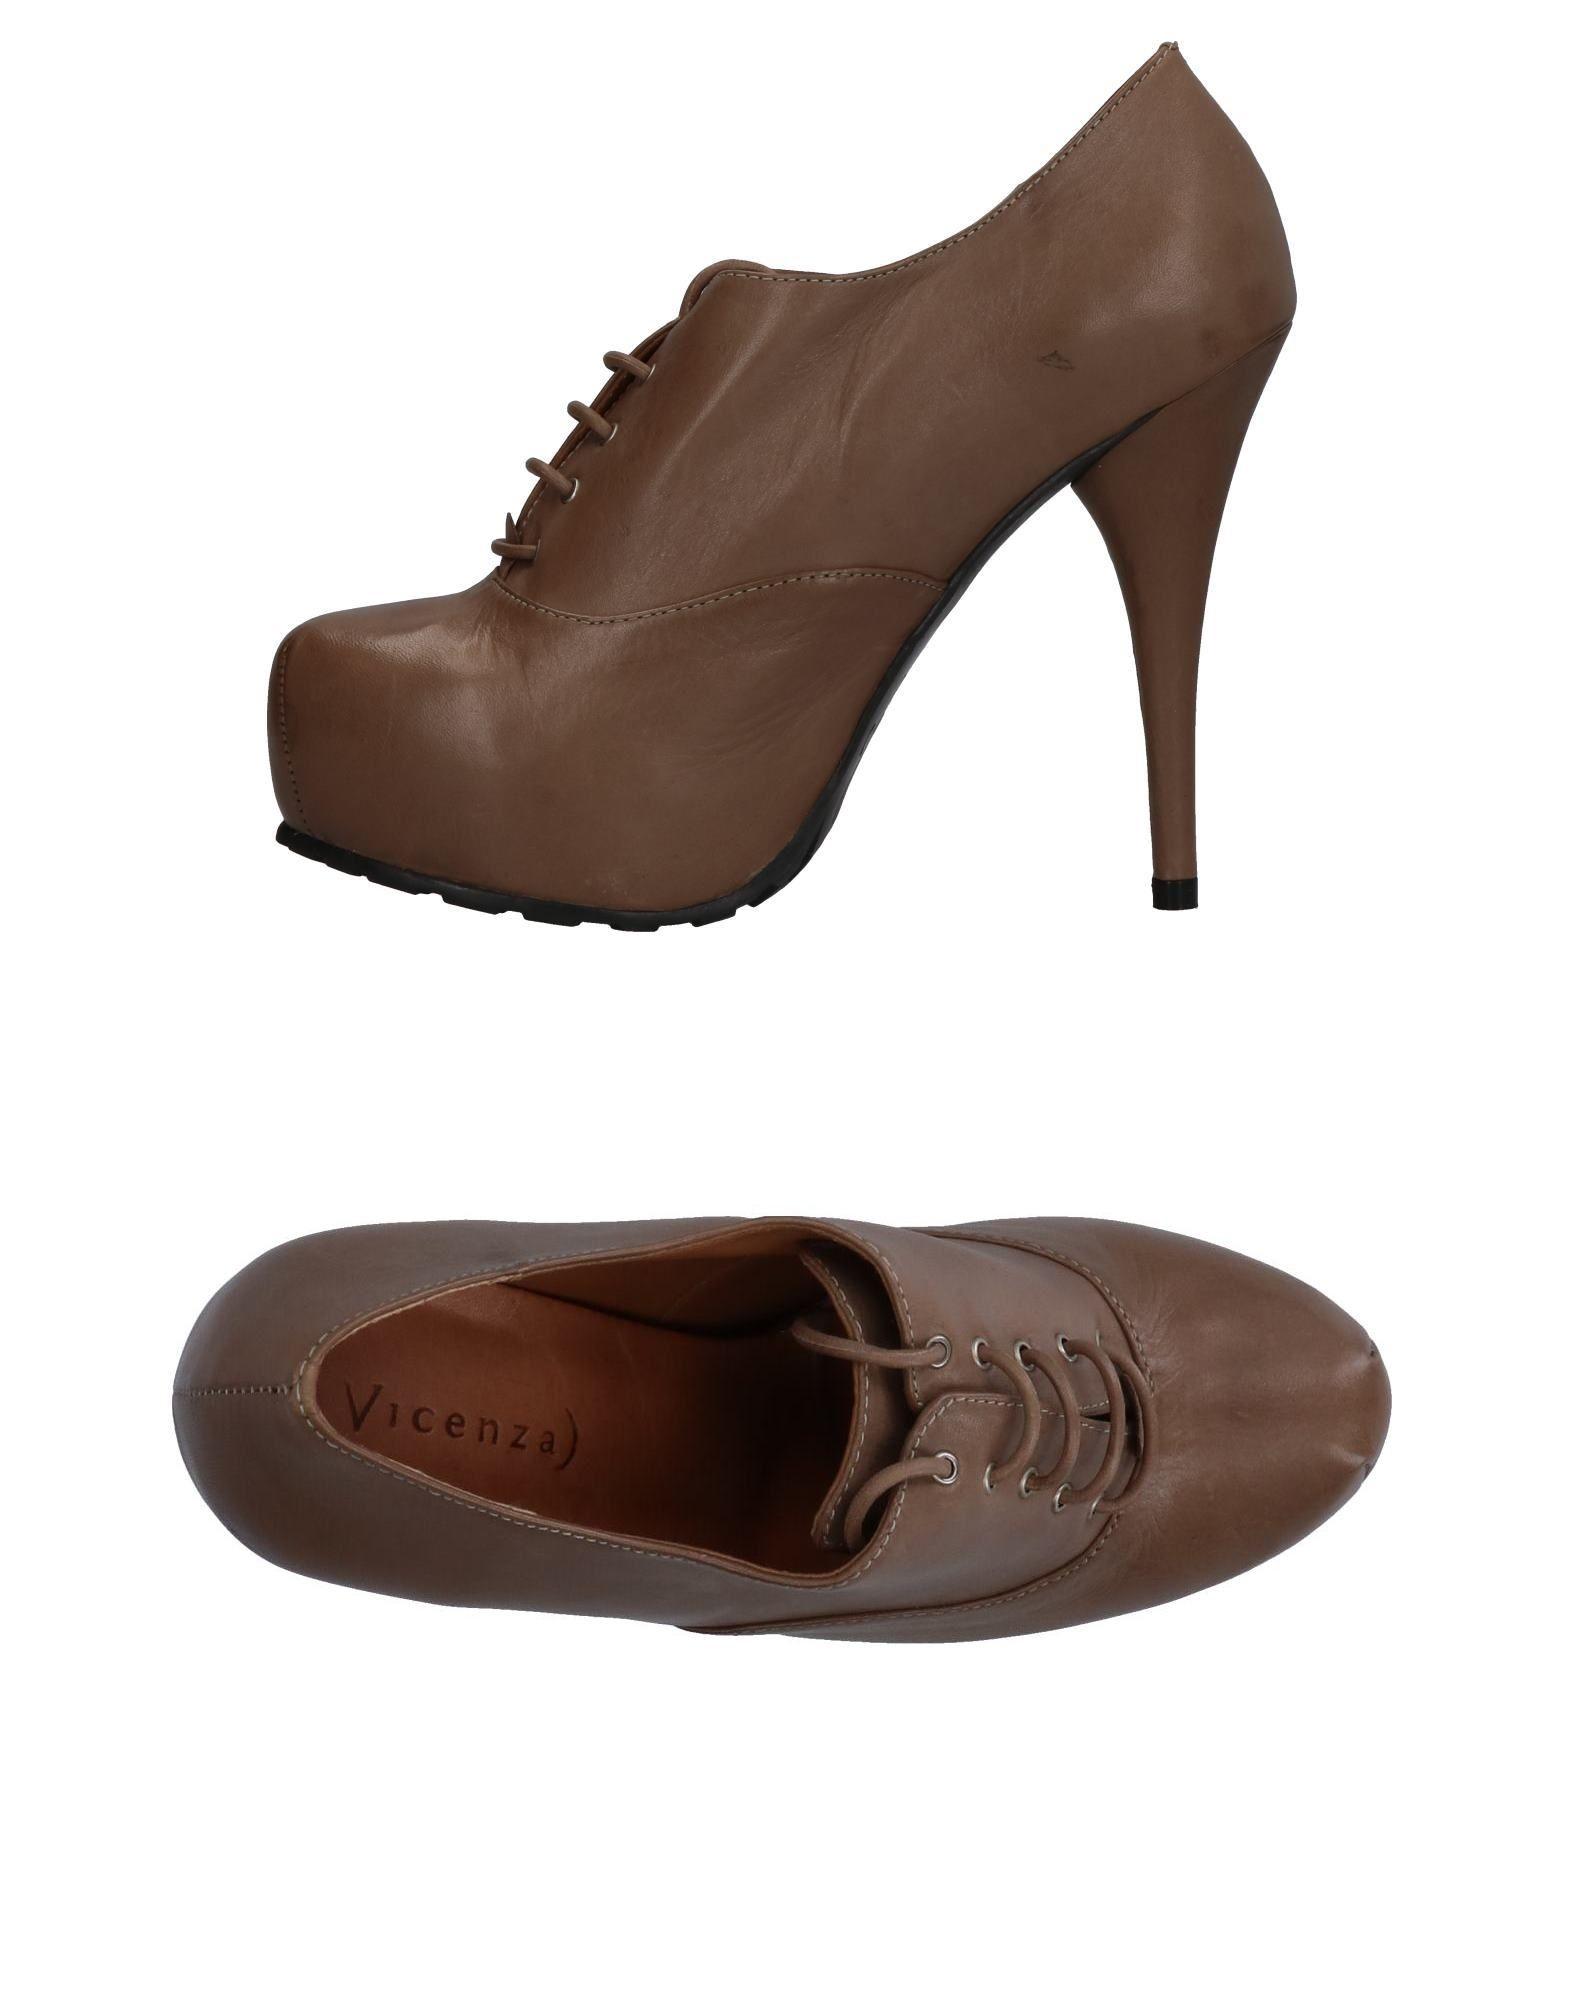 VICENZA) Обувь на шнурках цены онлайн